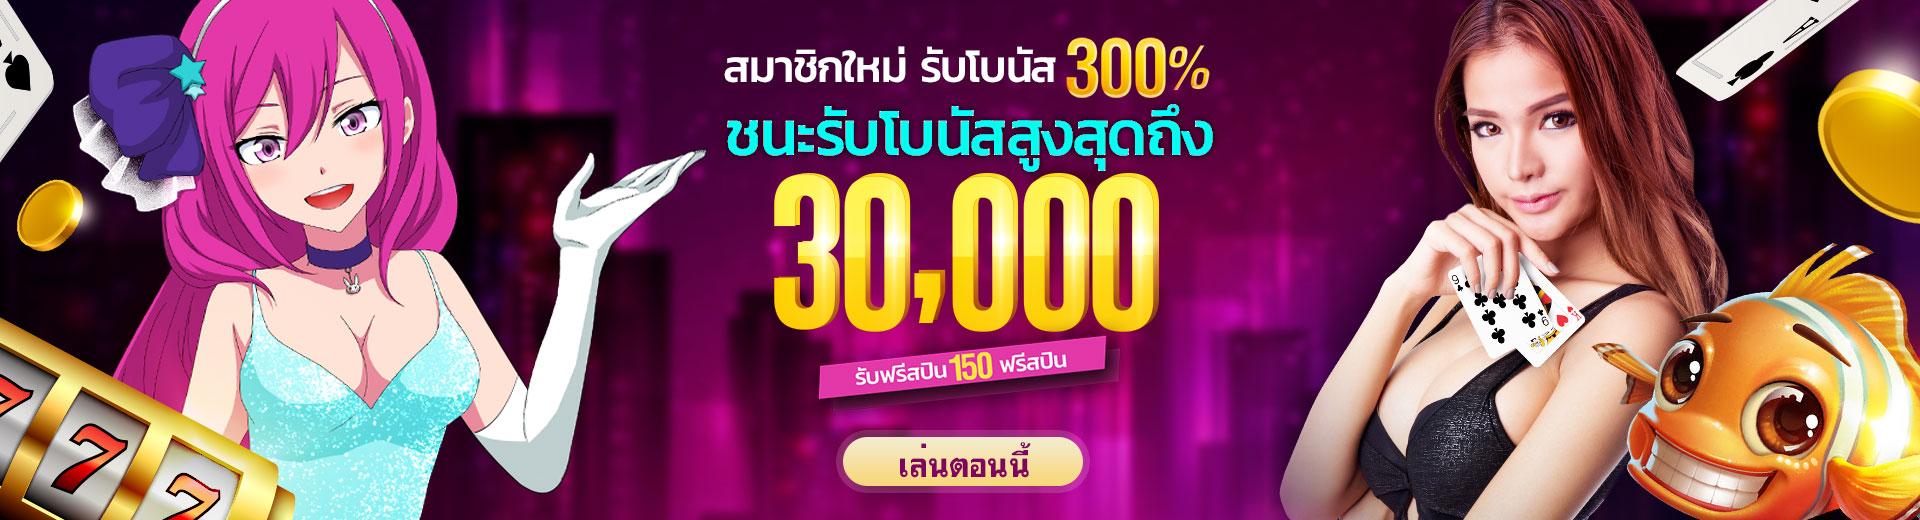 เว็บคาสิโนออนไลน์ LuckyNiki ใจดี เล่นเกมสล็อตออนไลน์วันนี้ แถมยังได้เงินฟรีอีก 30,000